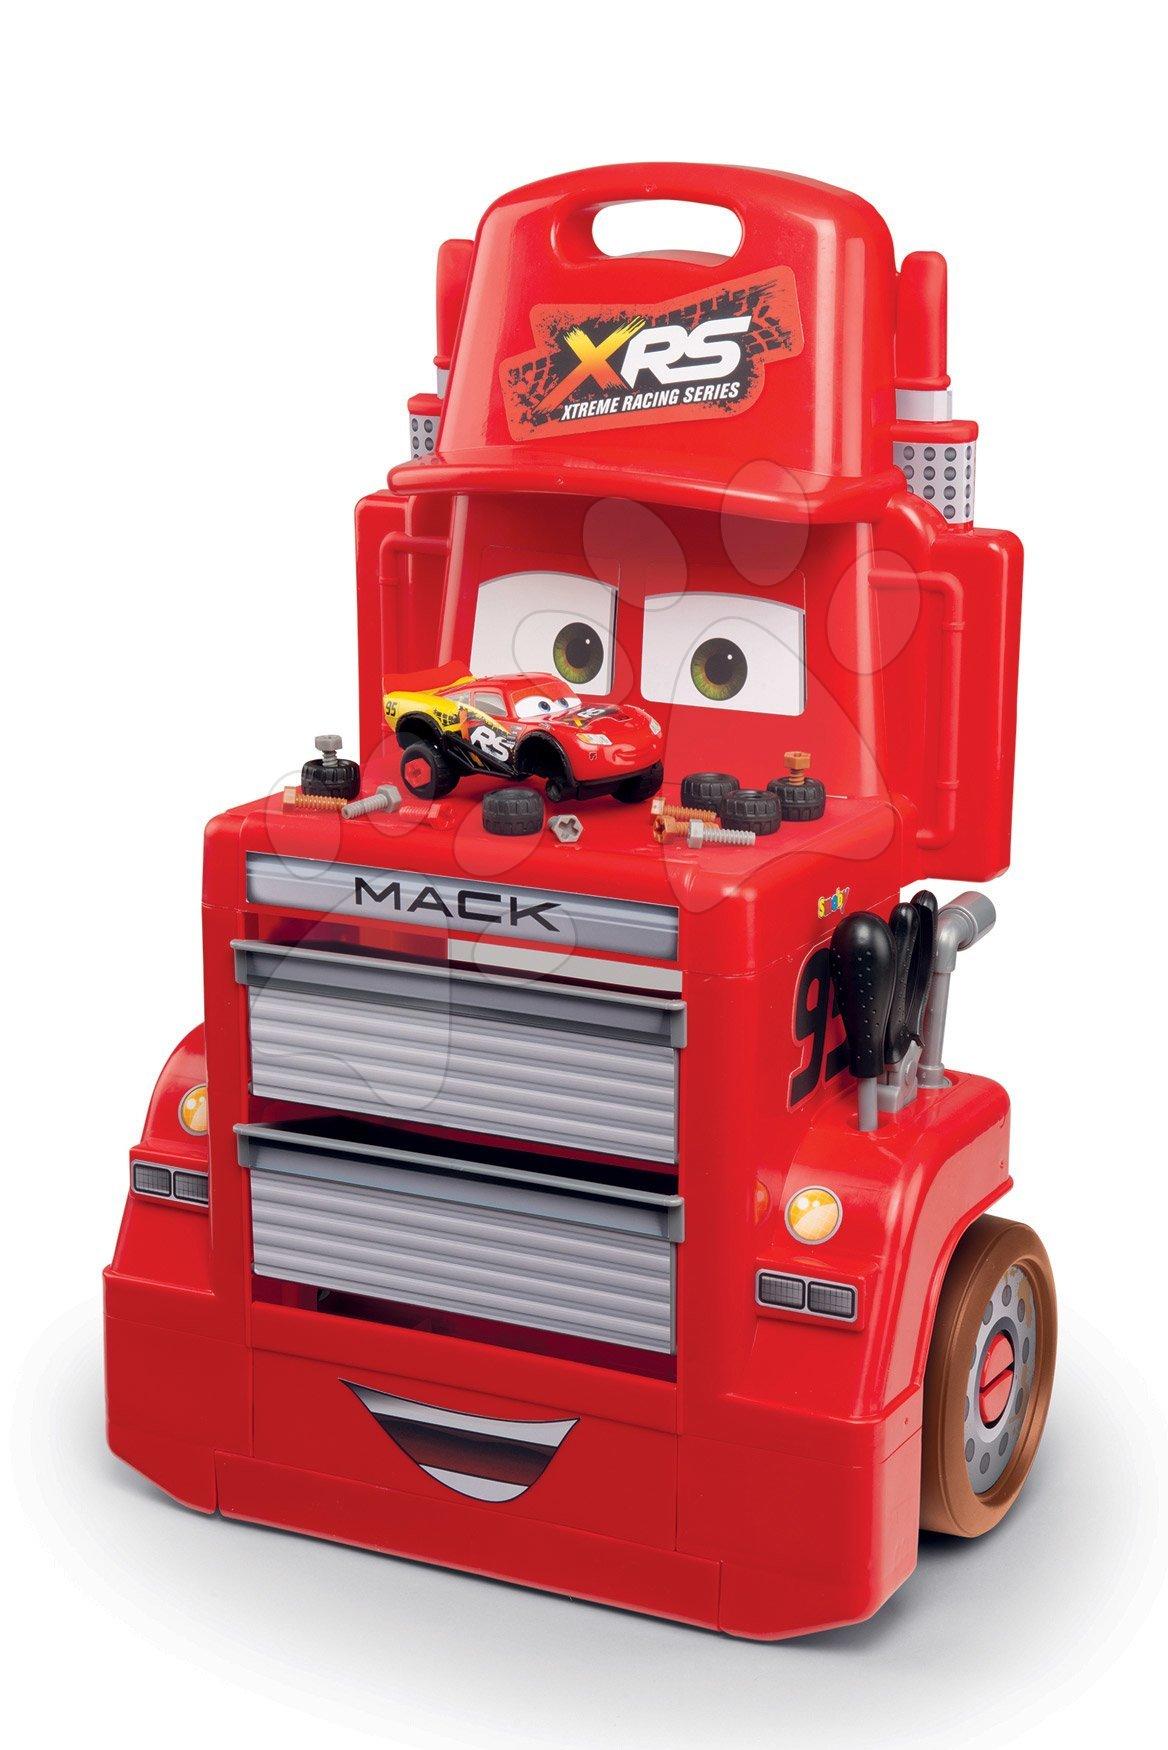 Atelier de lucru Mack Truck cu mașinuță Flash McQueen Cars XRS Smoby pe roți cu compartimente de depozitare și 28 de accesorii